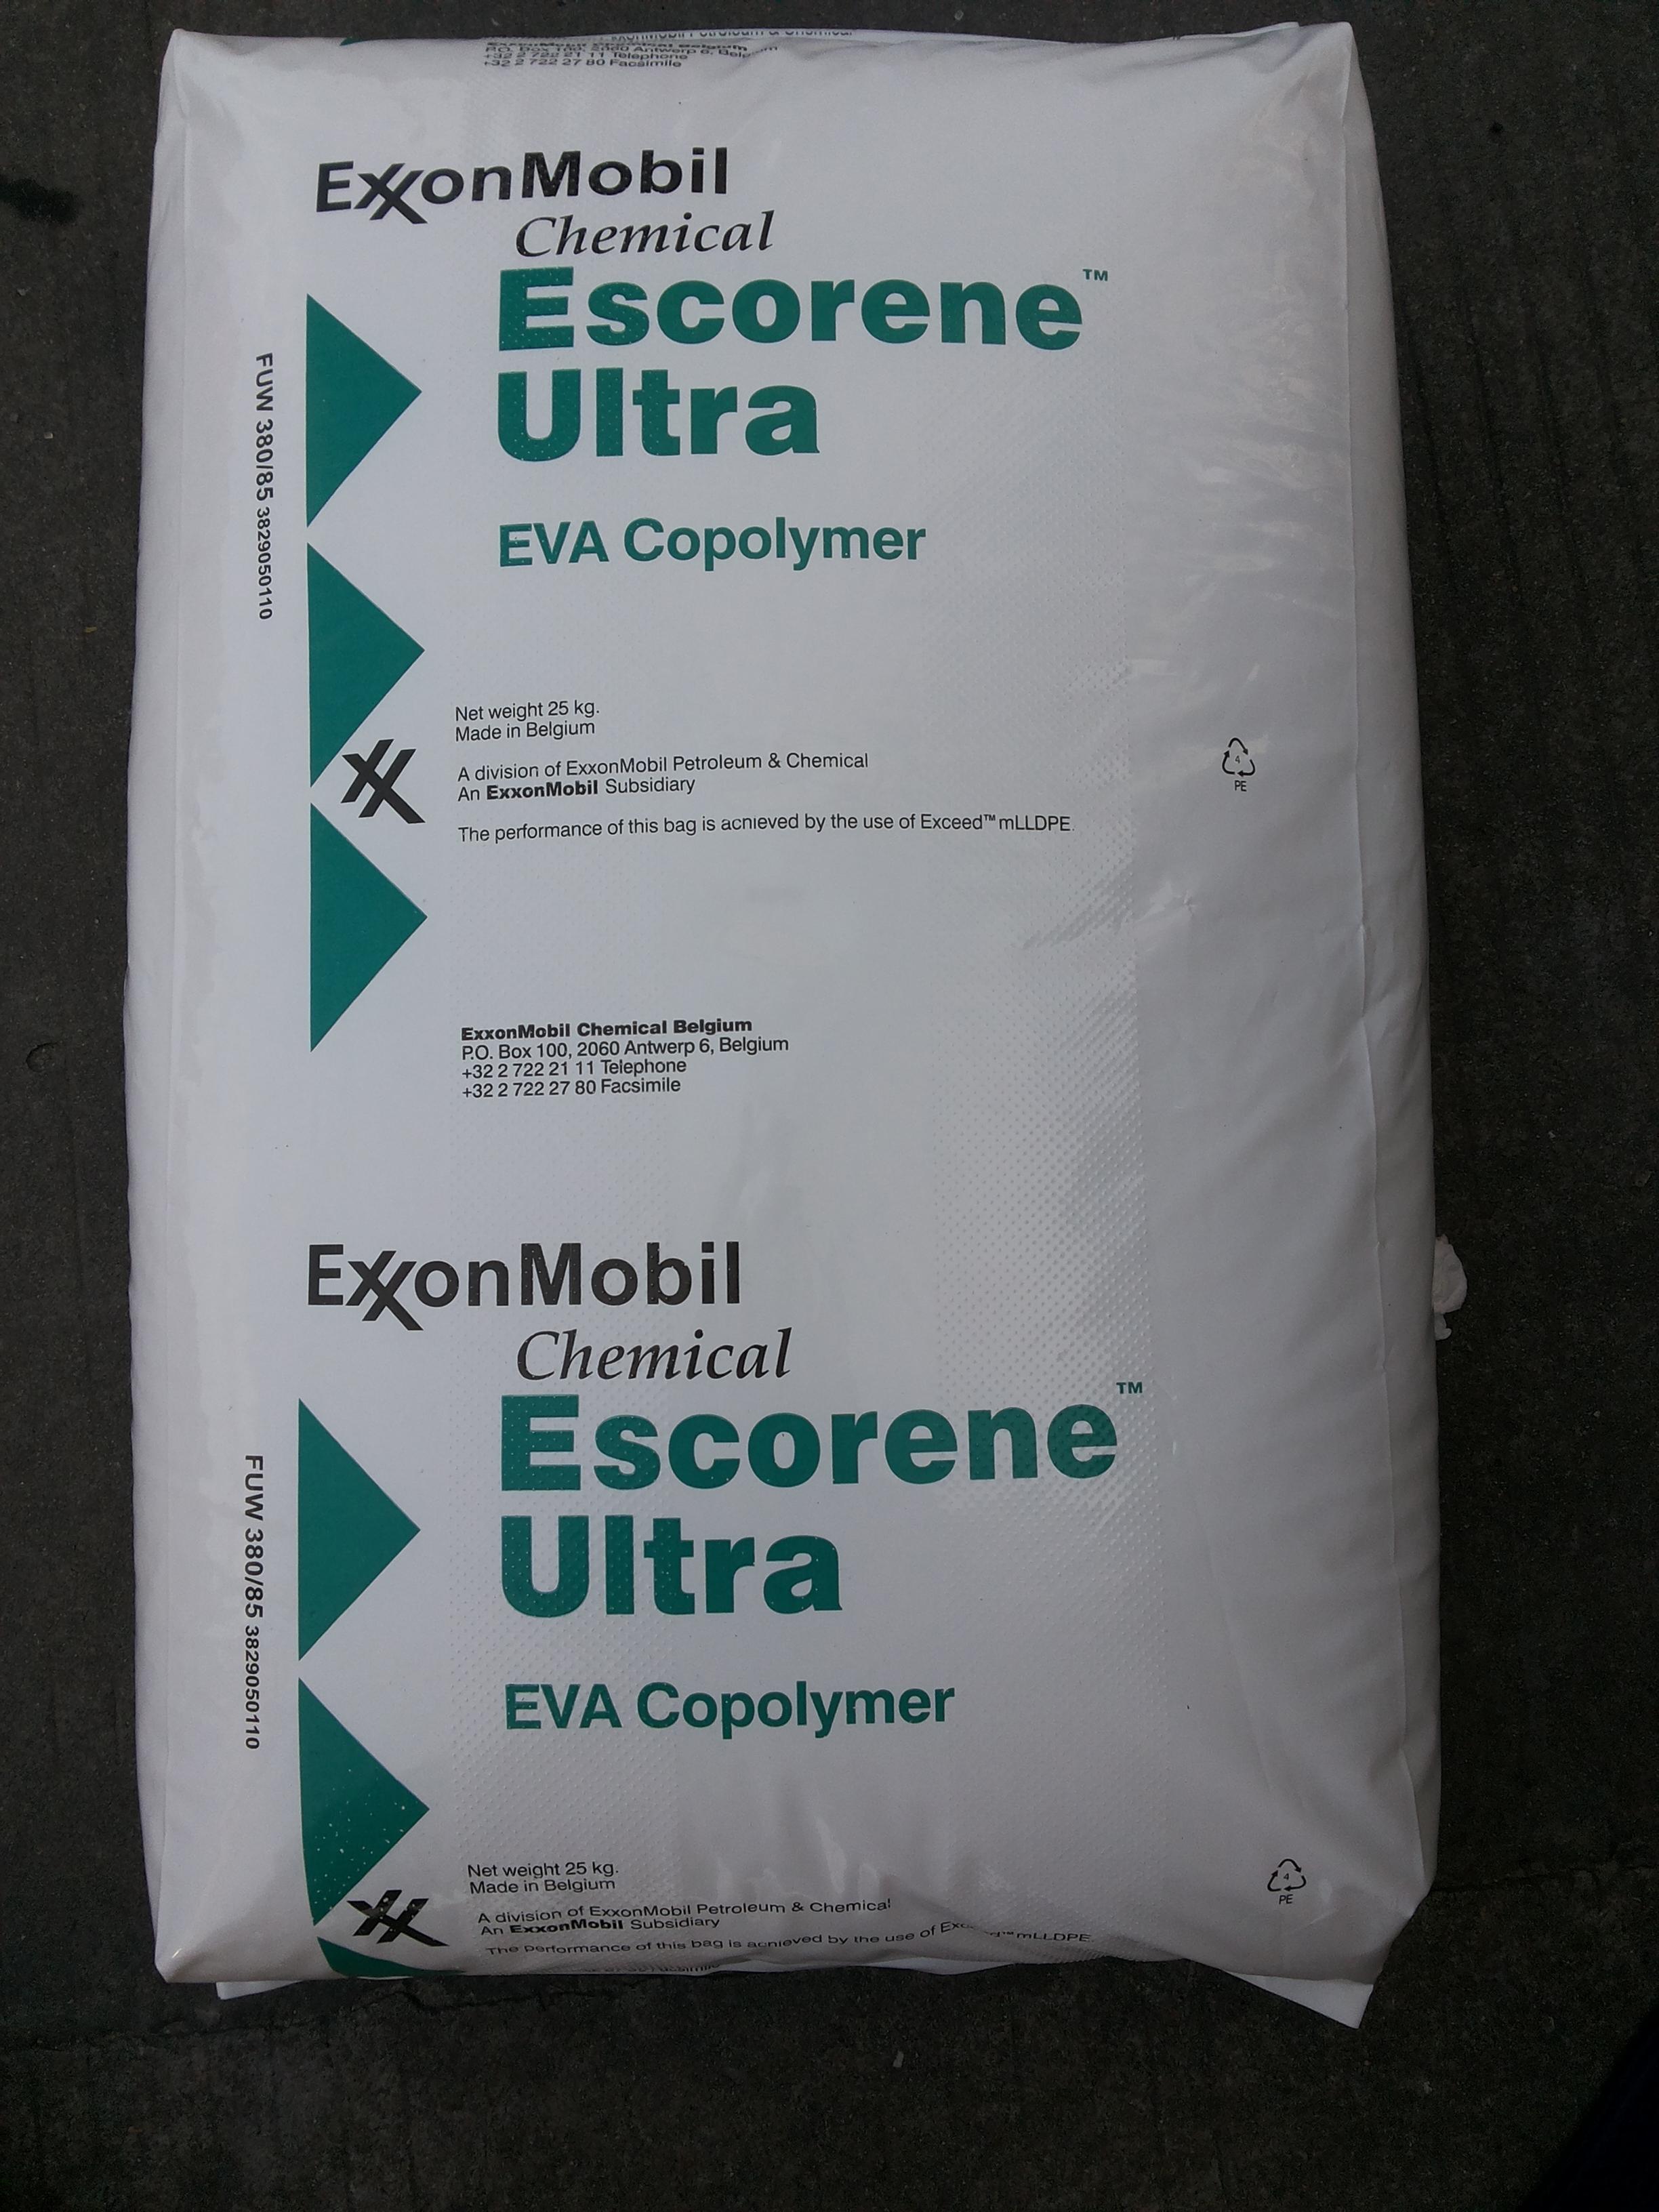 美国埃克森eva颗粒 醋酸乙烯共聚物 5540乙烯醋酸乙烯酯塑料颗粒